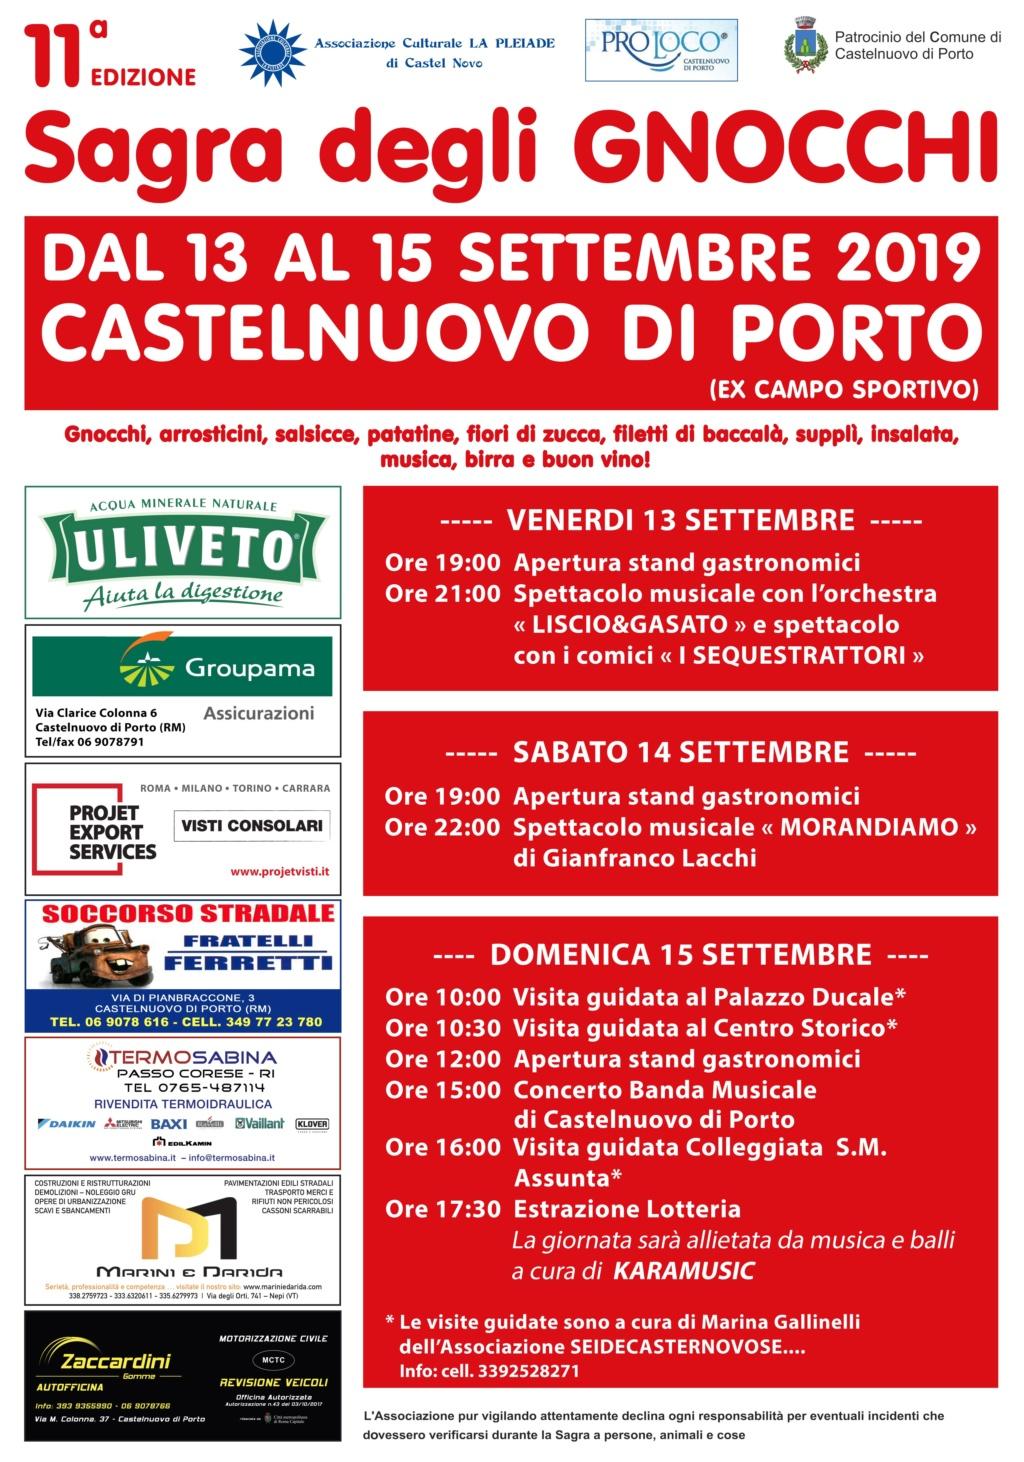 11^ SAGRA DEGLI GNOCCHI a Castelnuovo di Porto il 13, 14, 15 settembre 2019 11_sag10